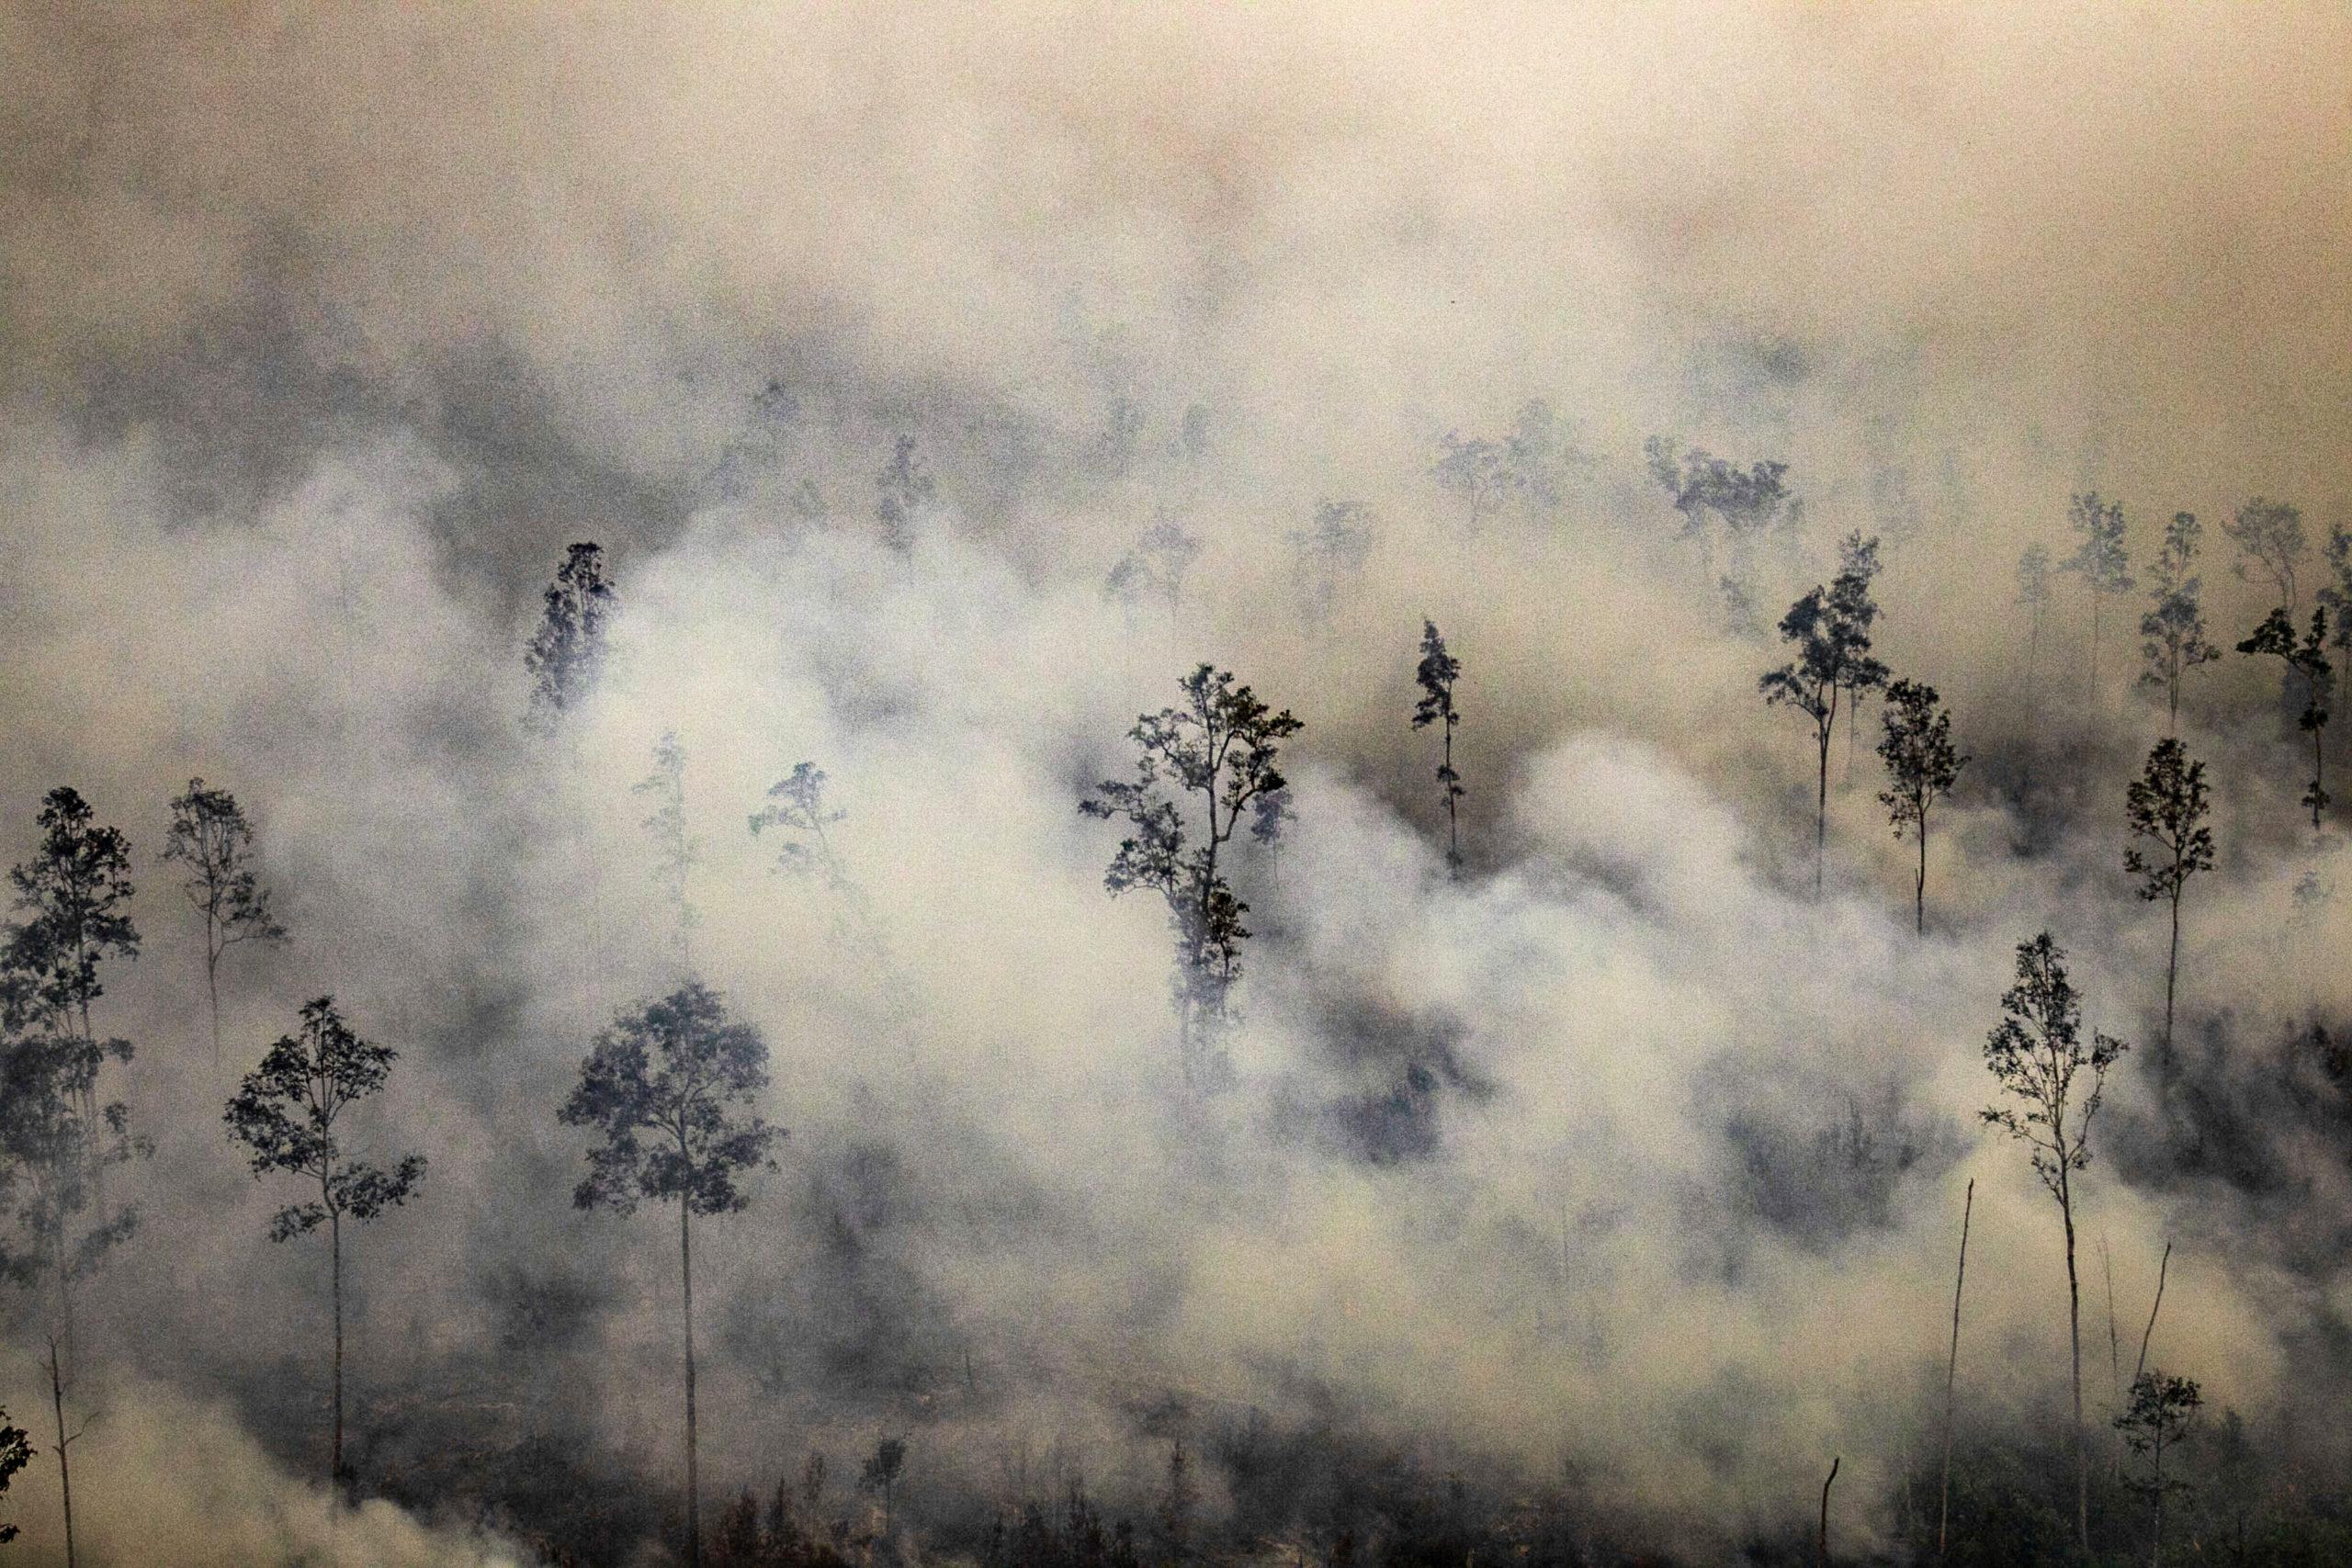 Les feux de forêt en Indonésie ont recouvert certaines parties de l'Asie du Sud-Est d'épais nuages de cendres et de fumée.